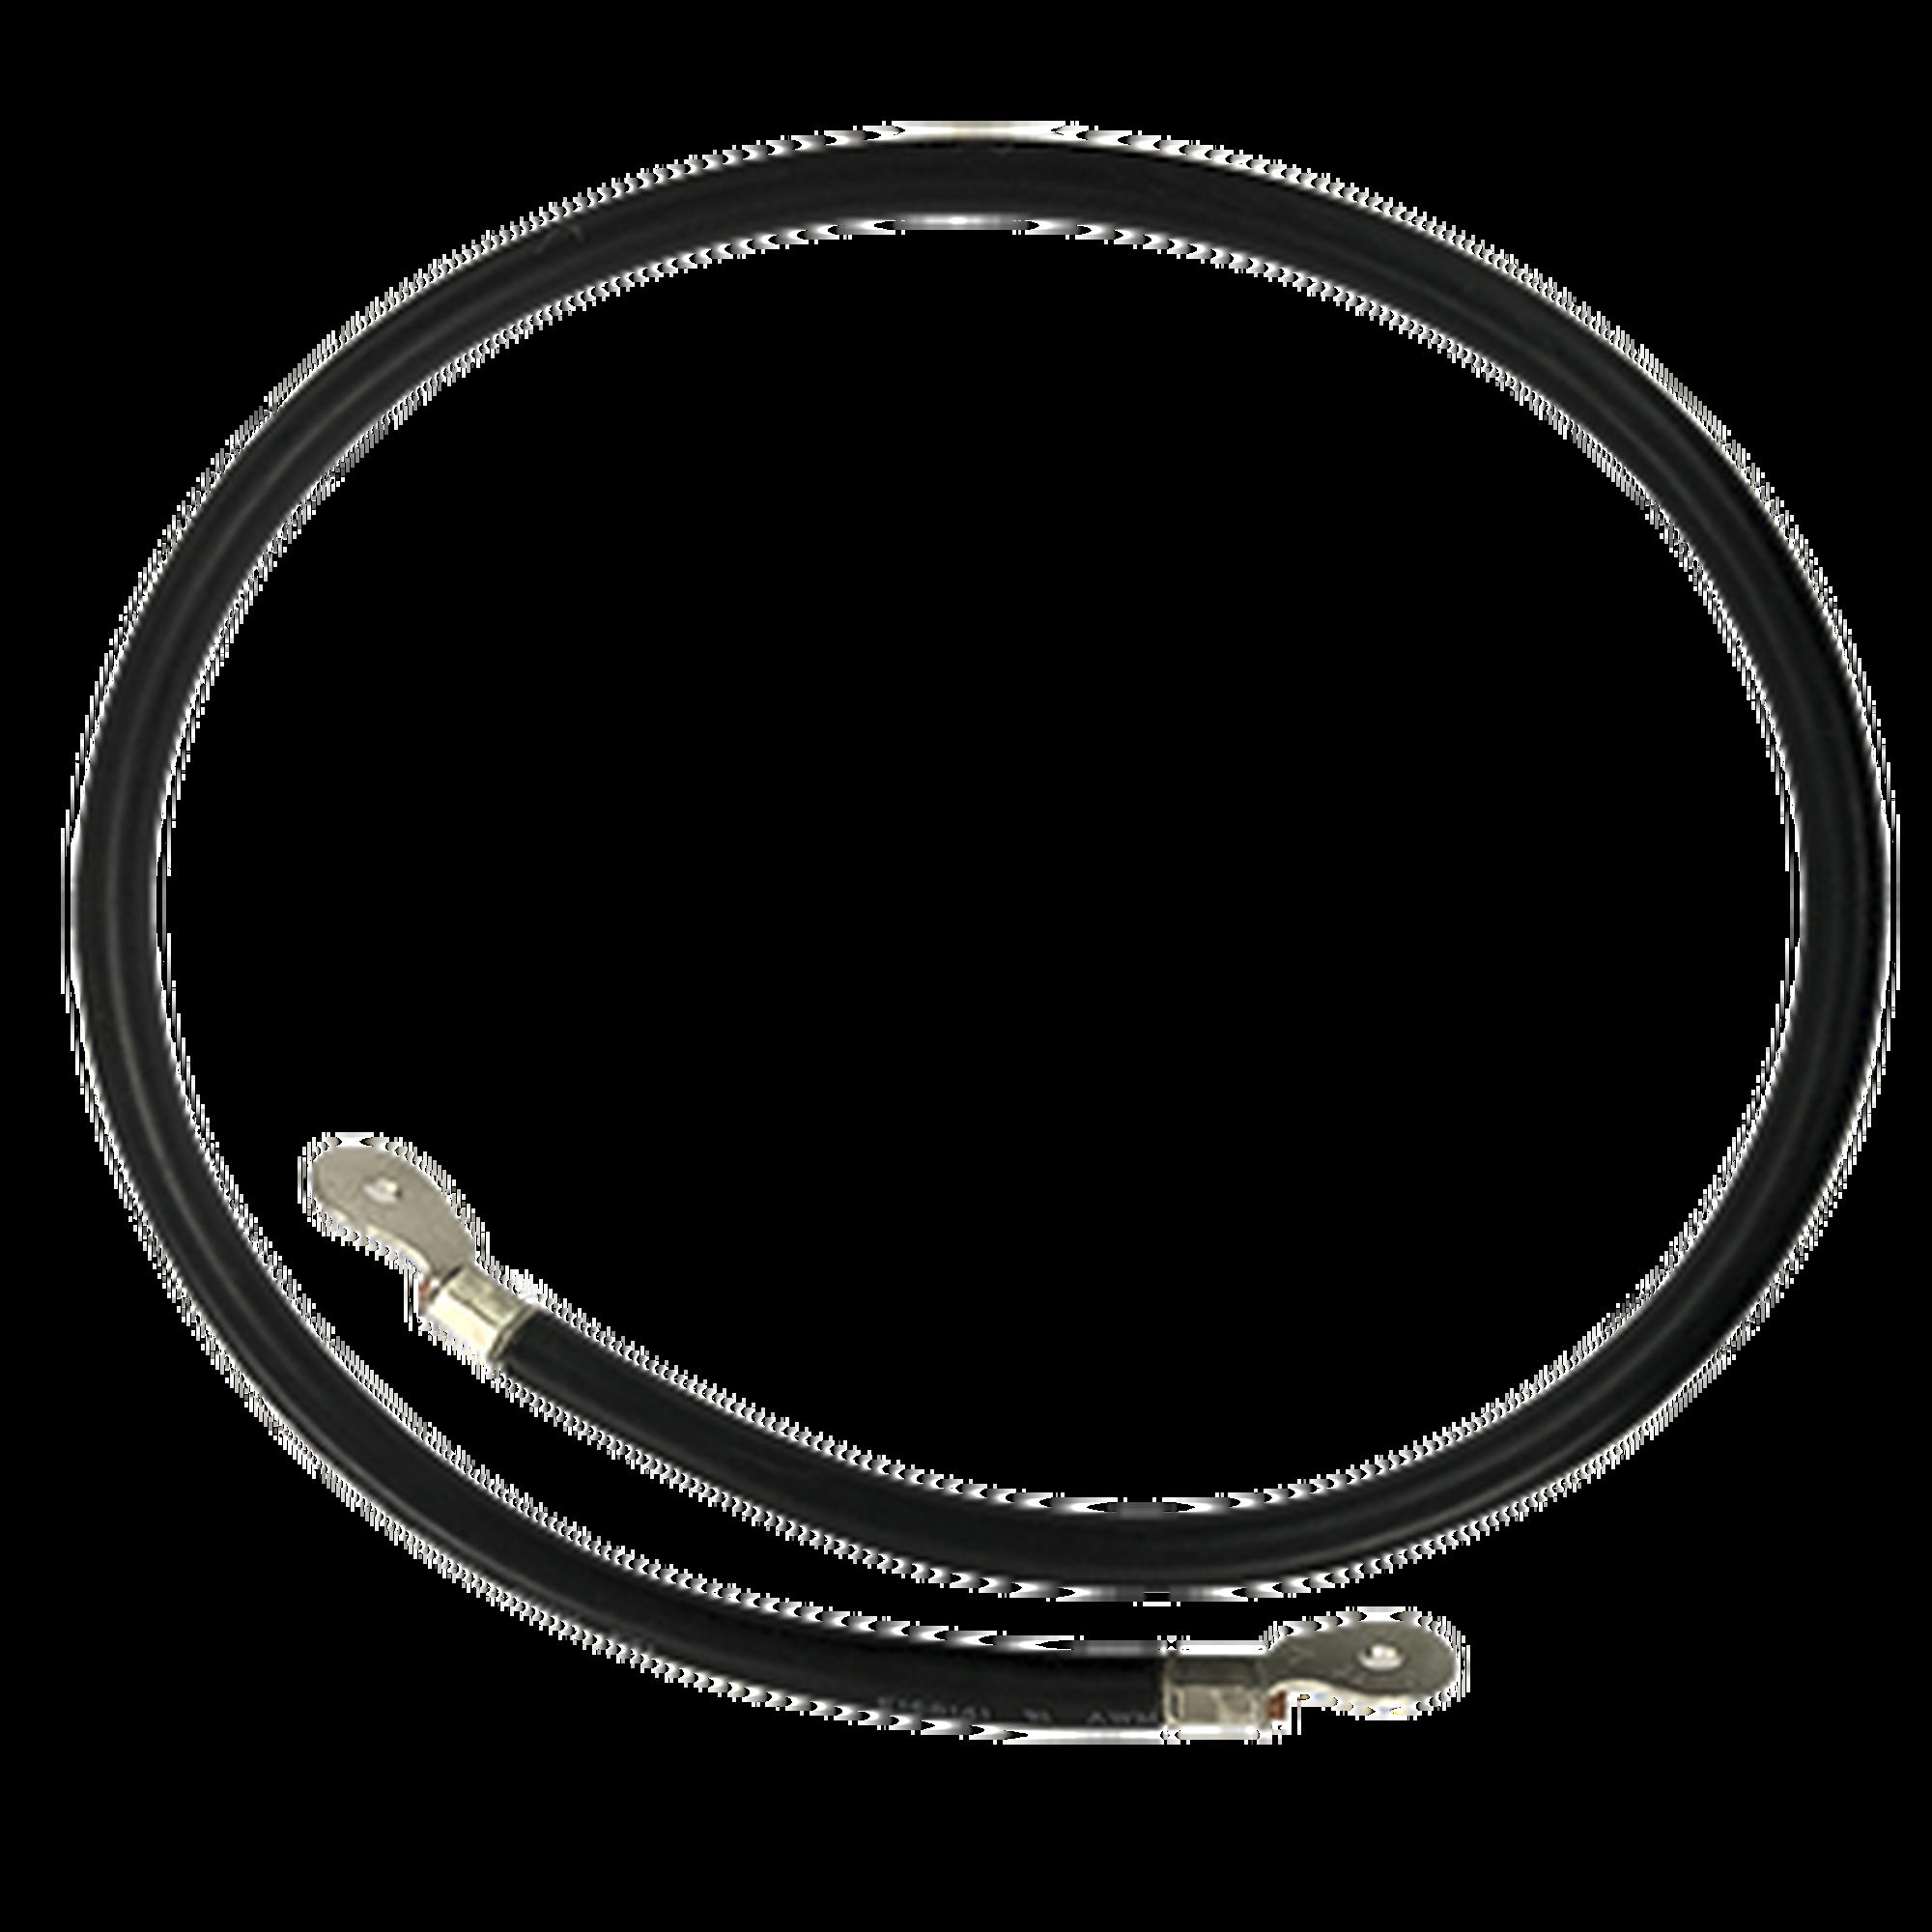 Cable para Baterias, 1 m, Negro, Calibre 2 AWG con Terminales de Ojo en Ambos Extremos